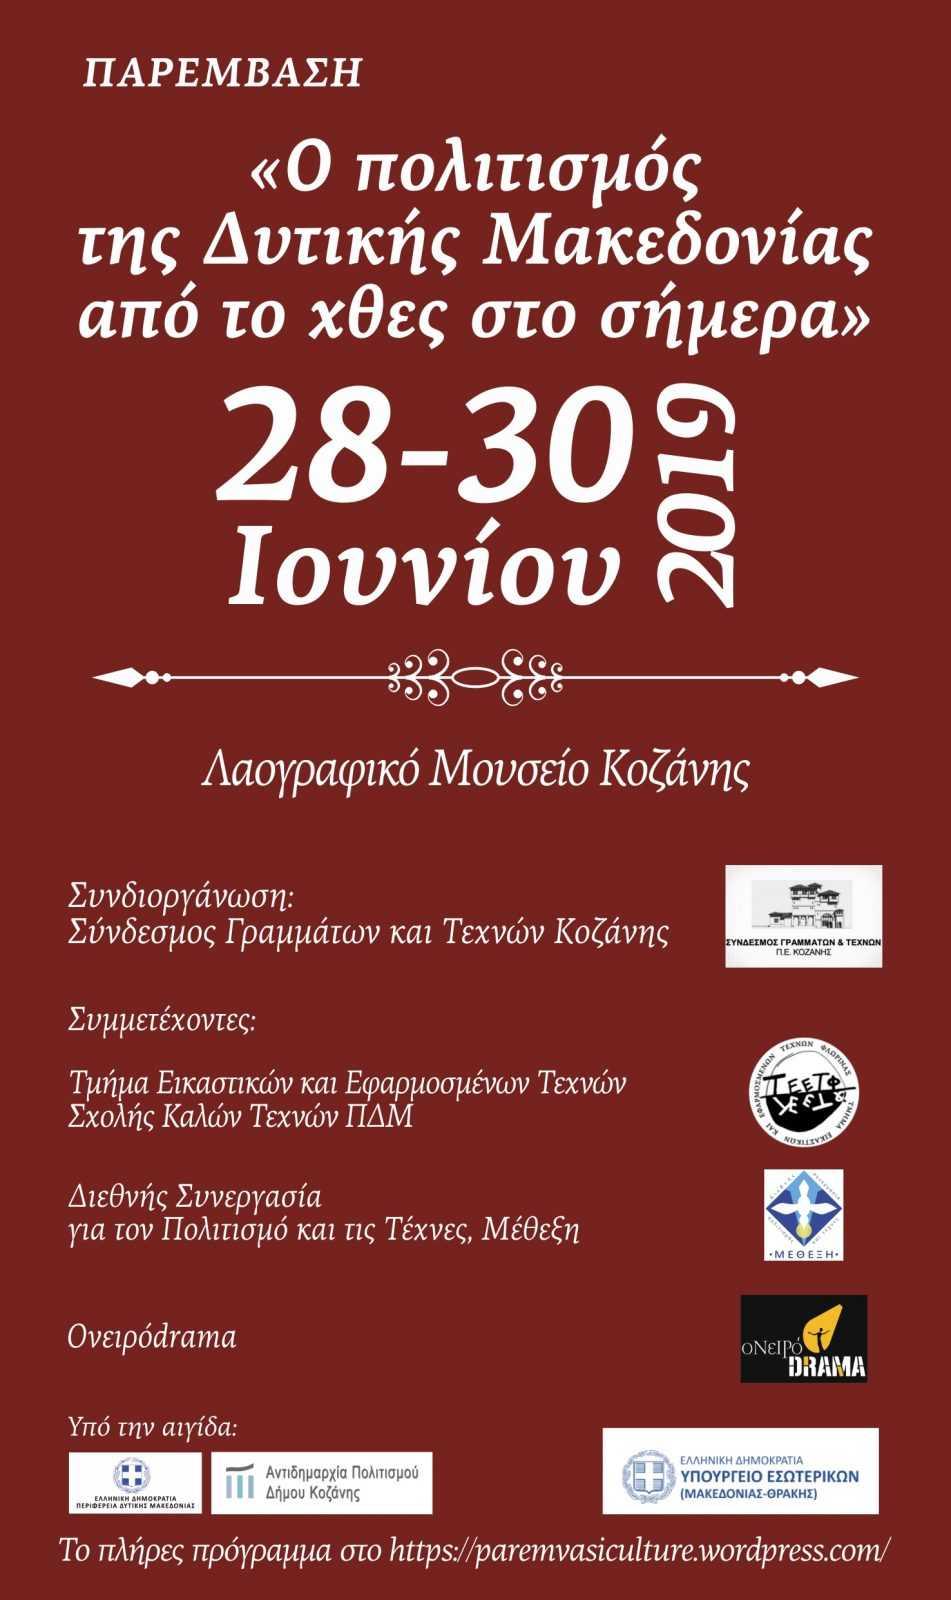 Παρέμβαση  «Ο πολιτισμός της Δυτικής Μακεδονίας από το χθες στο σήμερα»    Τριήμερο δράσεων